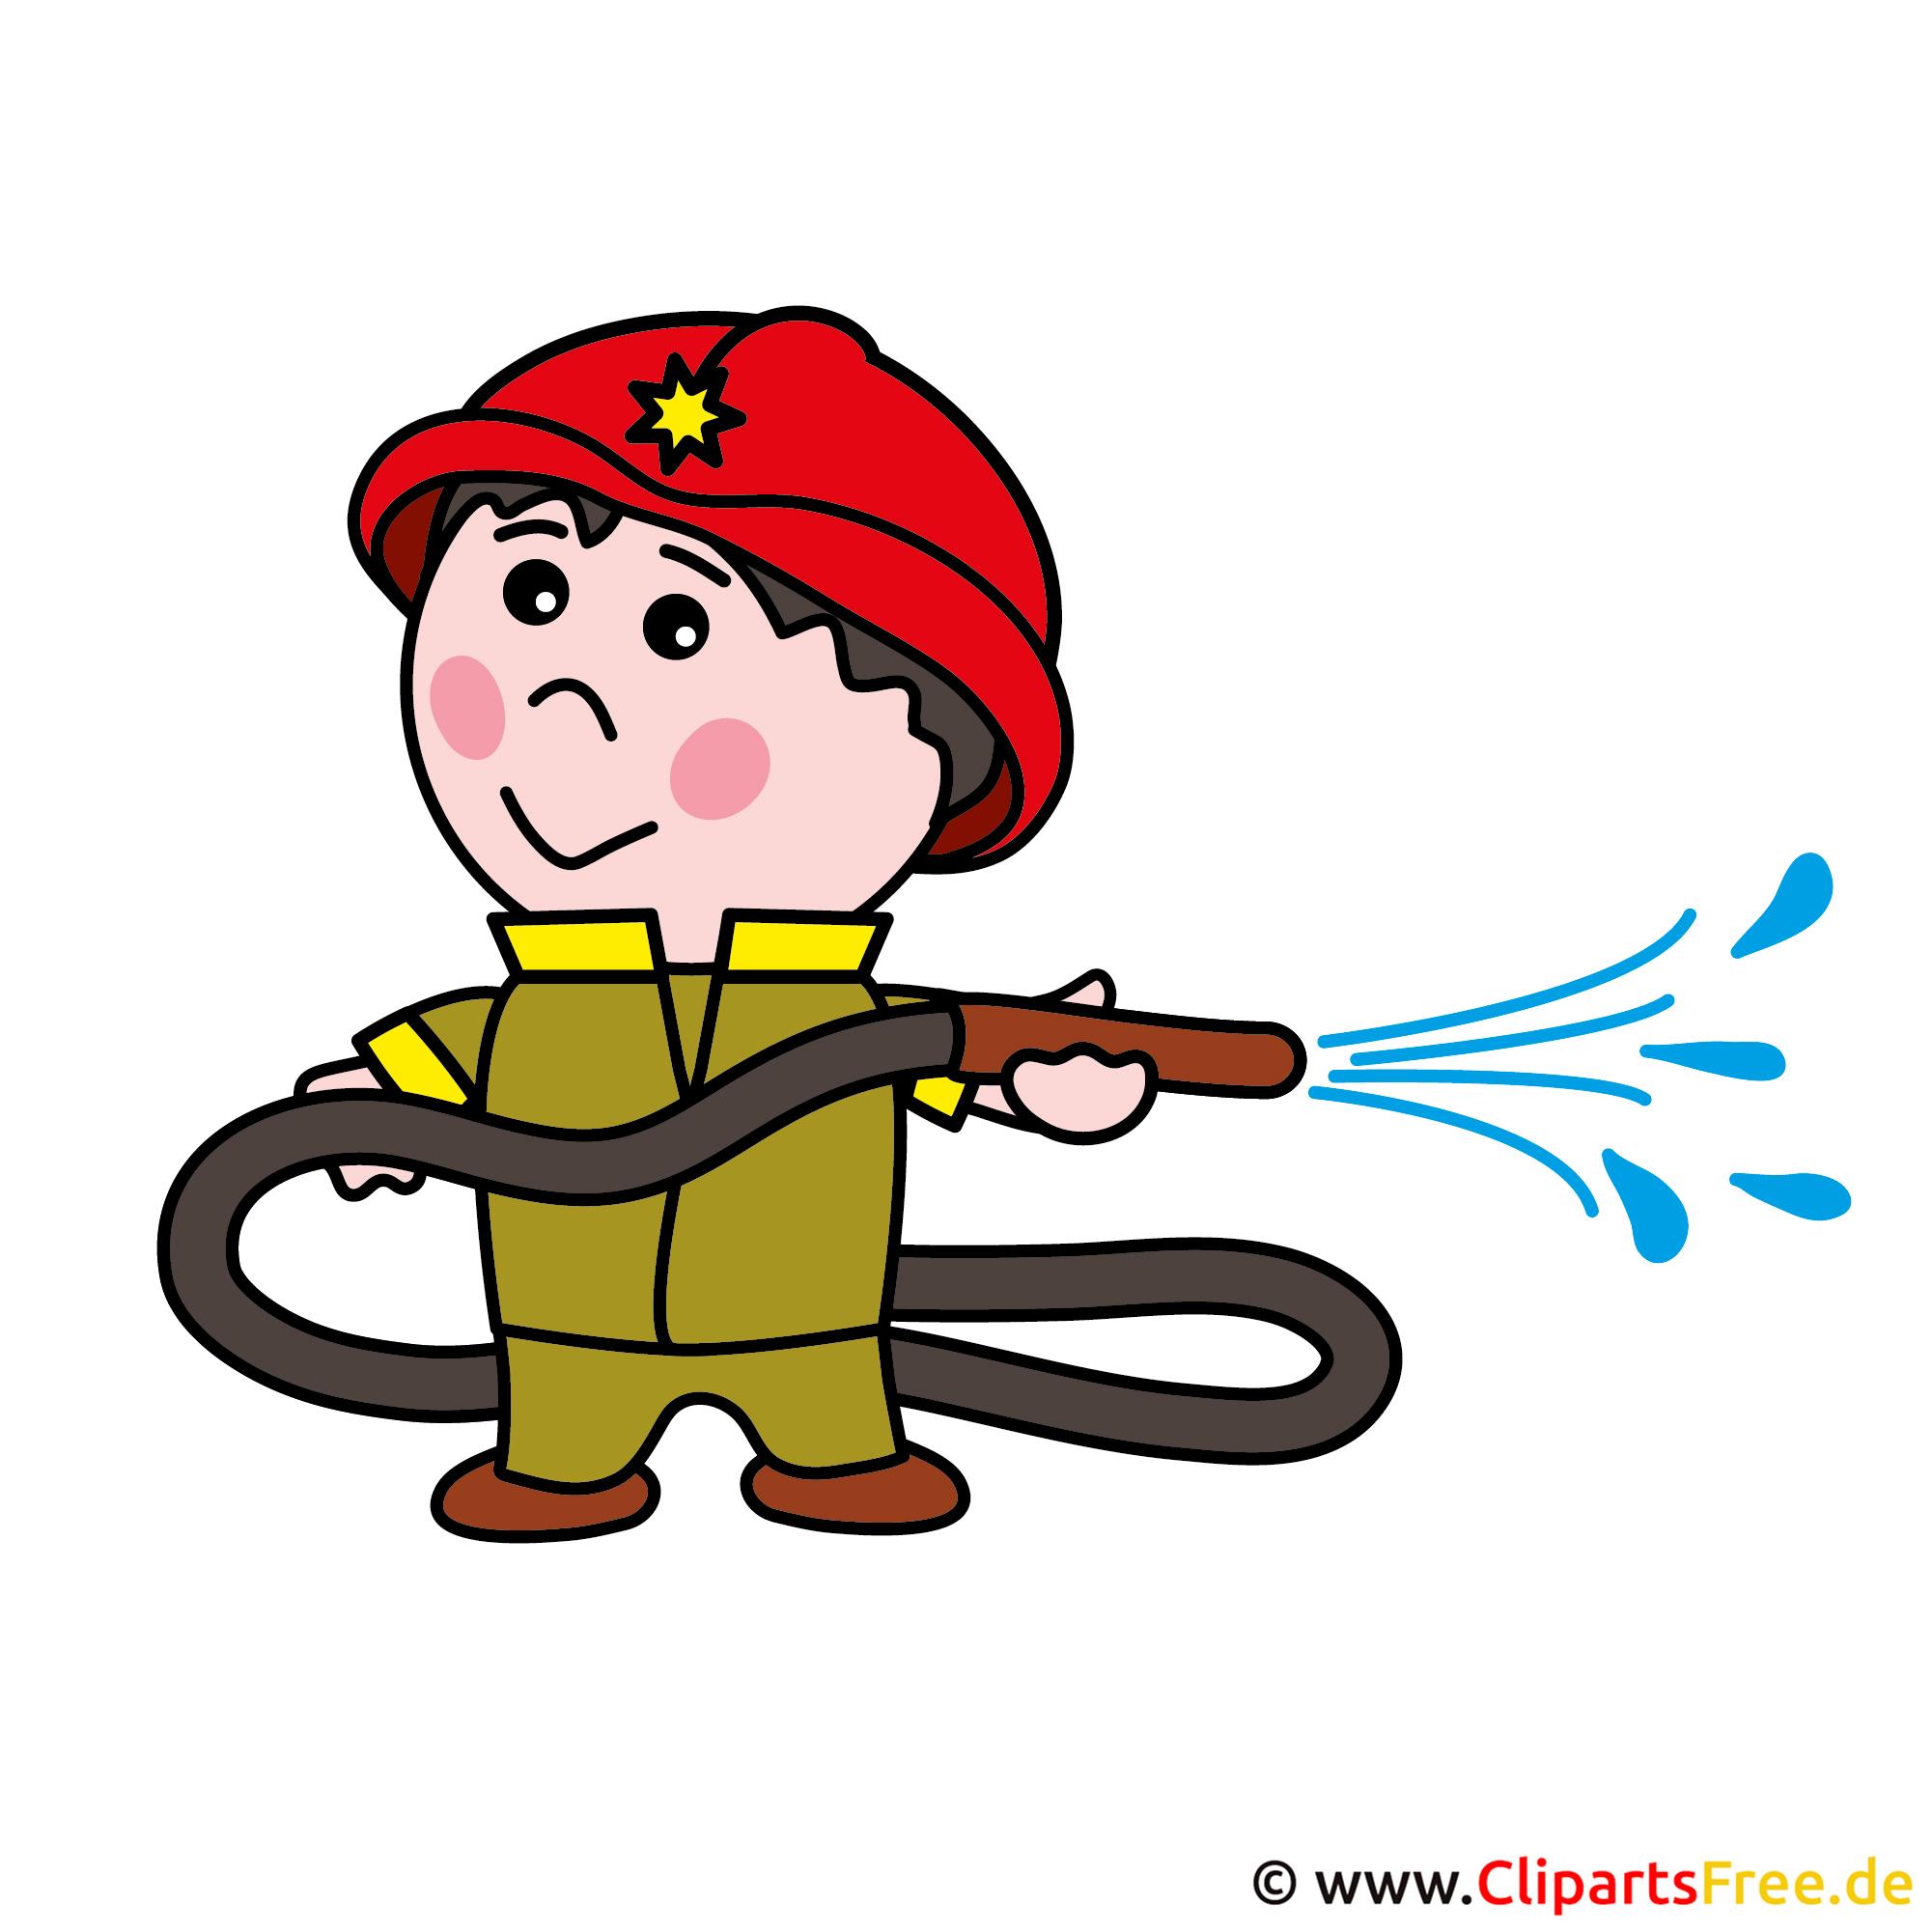 Feuerwehrmann Cartoon Bild kostenlos